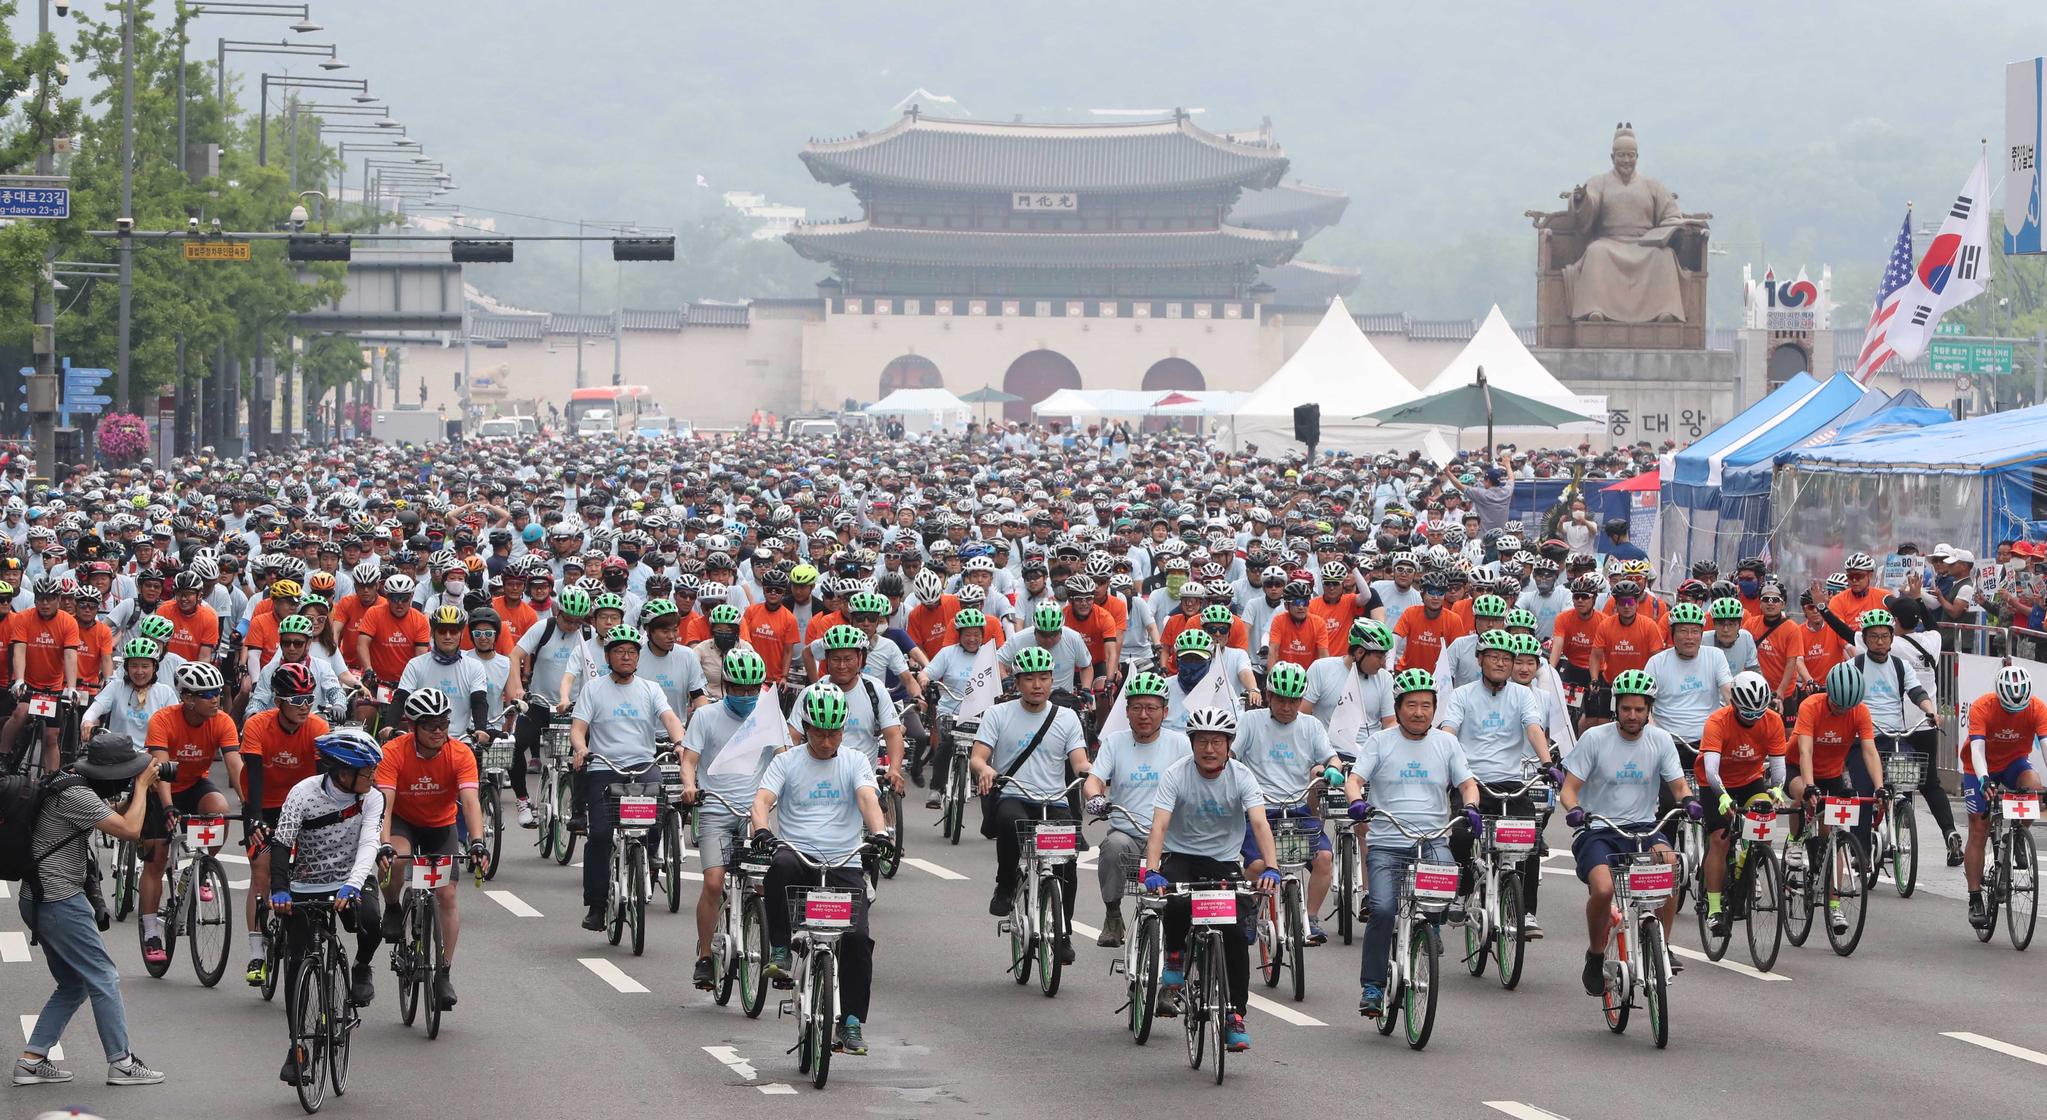 참가자들이 신호에 맞춰 서울 광화문광장에서 출발하고 있다. 우상조 기자